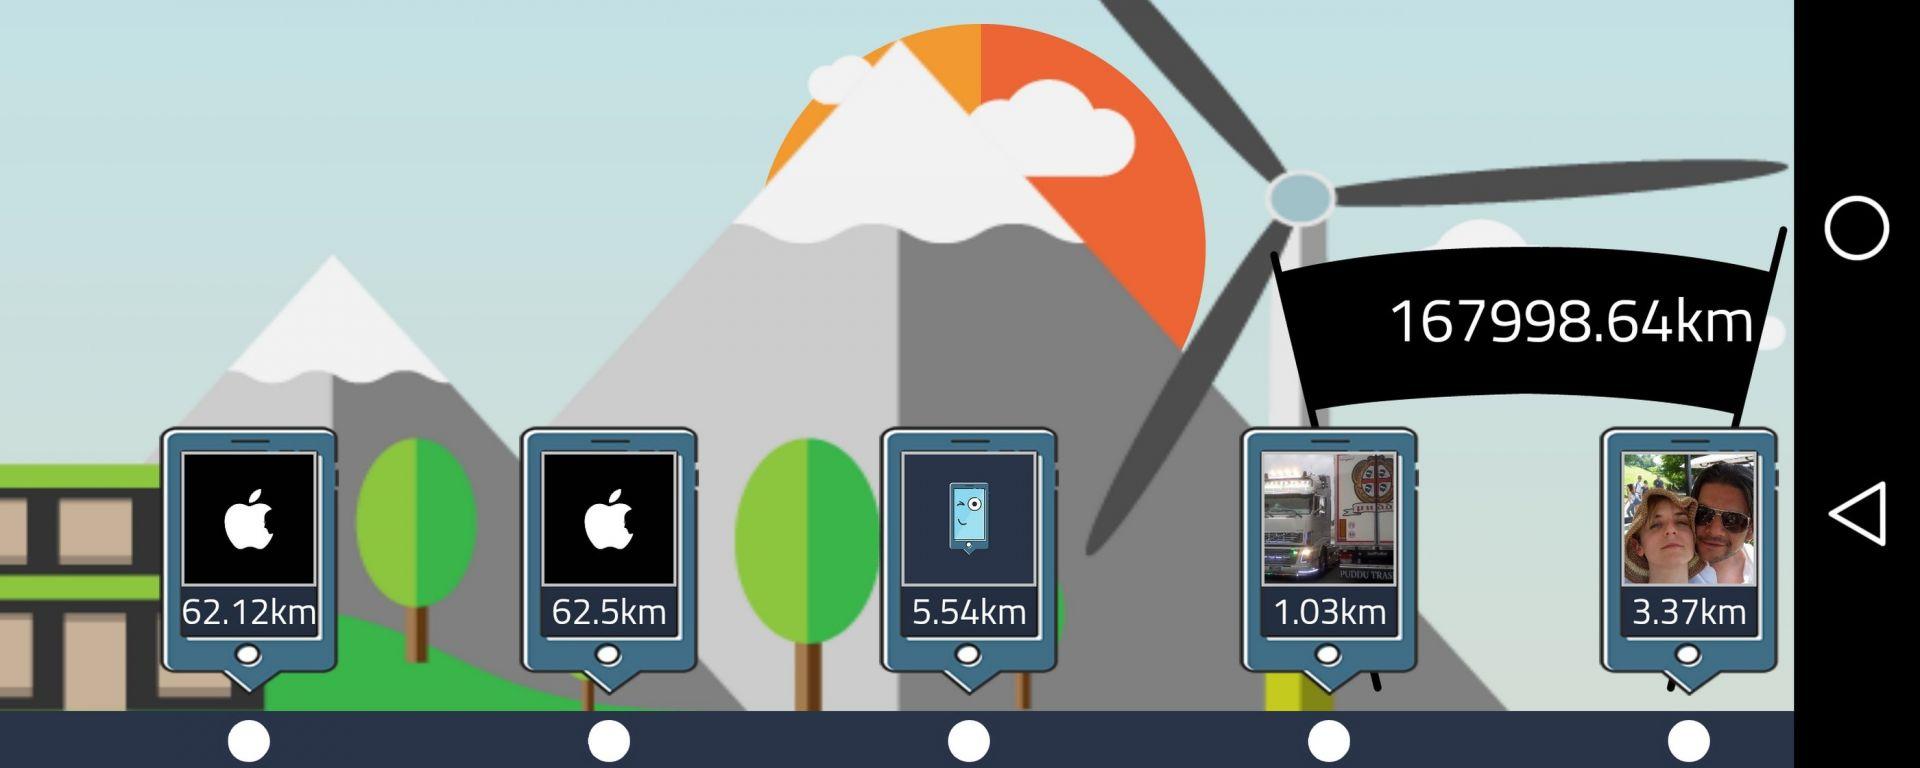 Smartphoners: il primo navigatore che ti premia se lo utilizzi